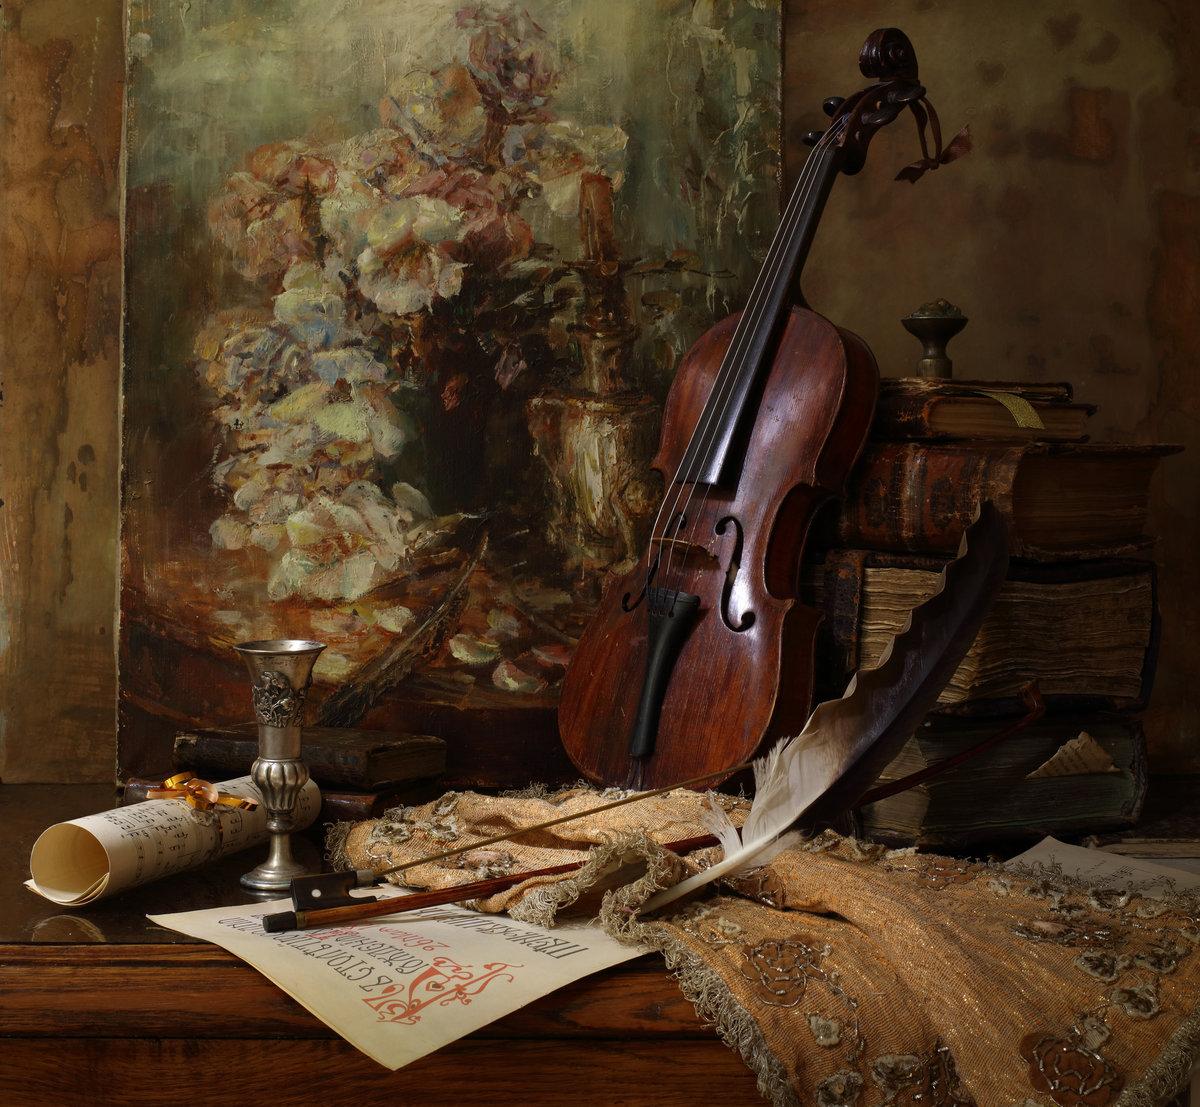 Скрипка в фотонатюрмортах